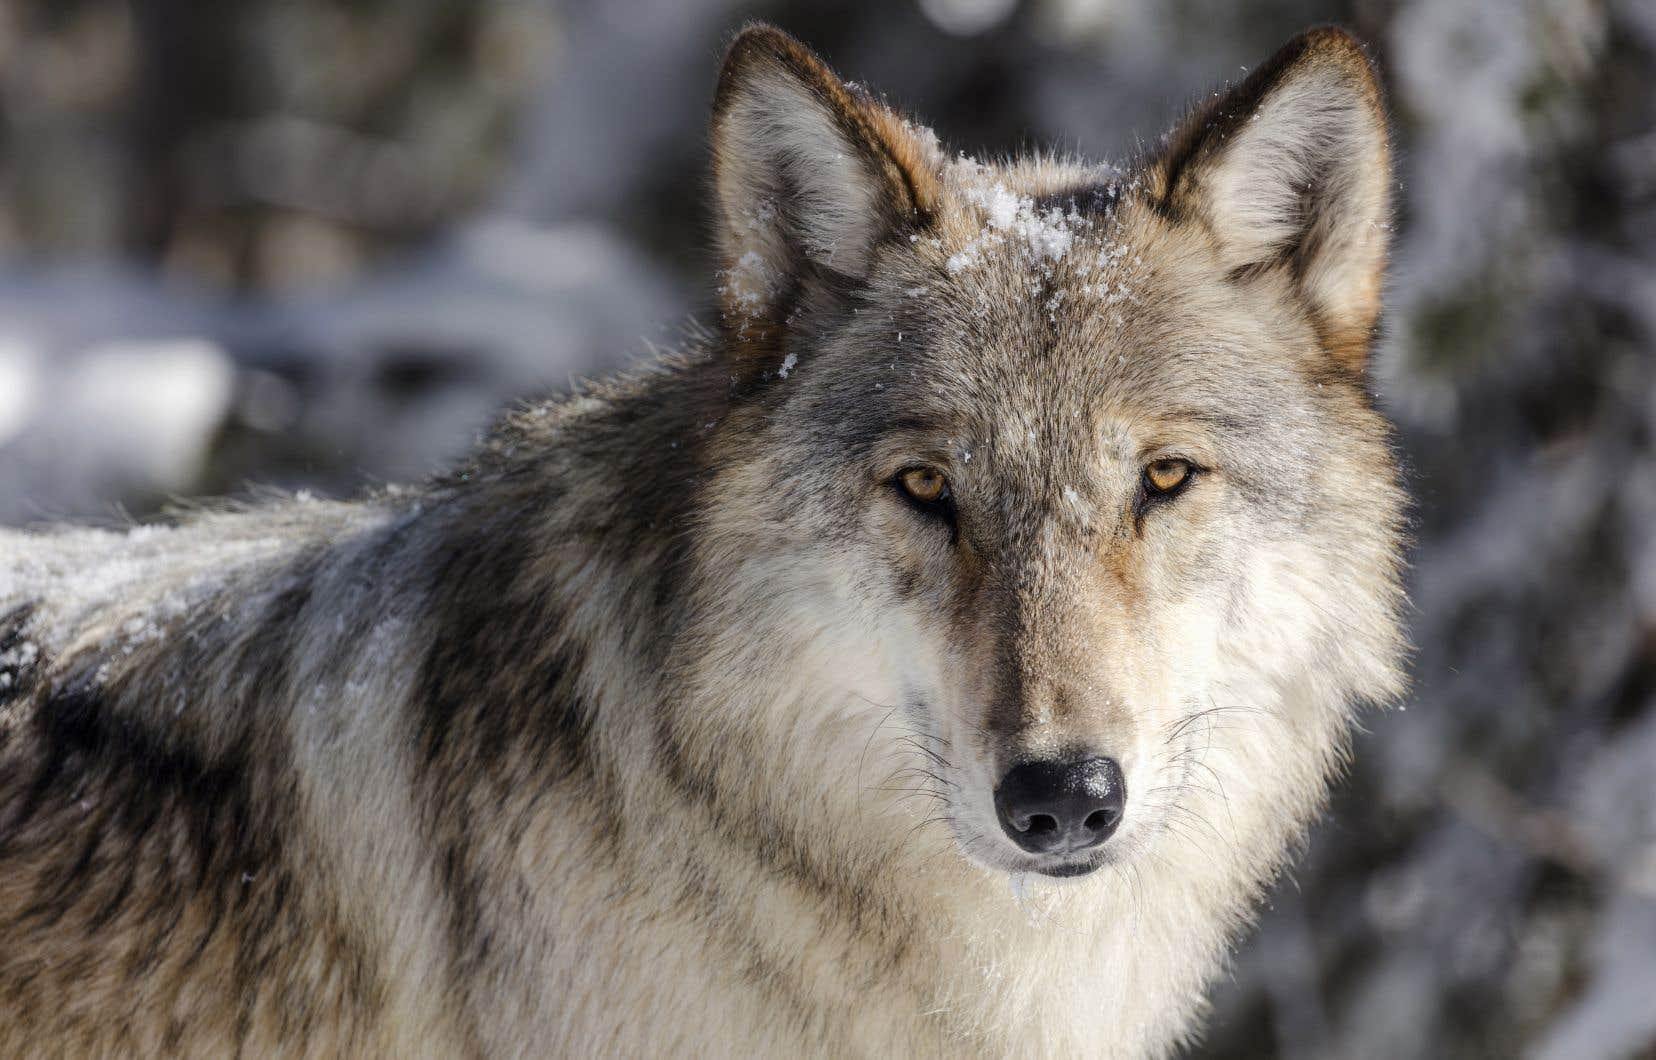 «On a remarqué que la réintroduction du loup dans le mythique parc national Yellowstone, aux États-Unis, a eu des effets bénéfiques sur l'ensemble de ce vaste écosystème», écritPierre Chastenay.